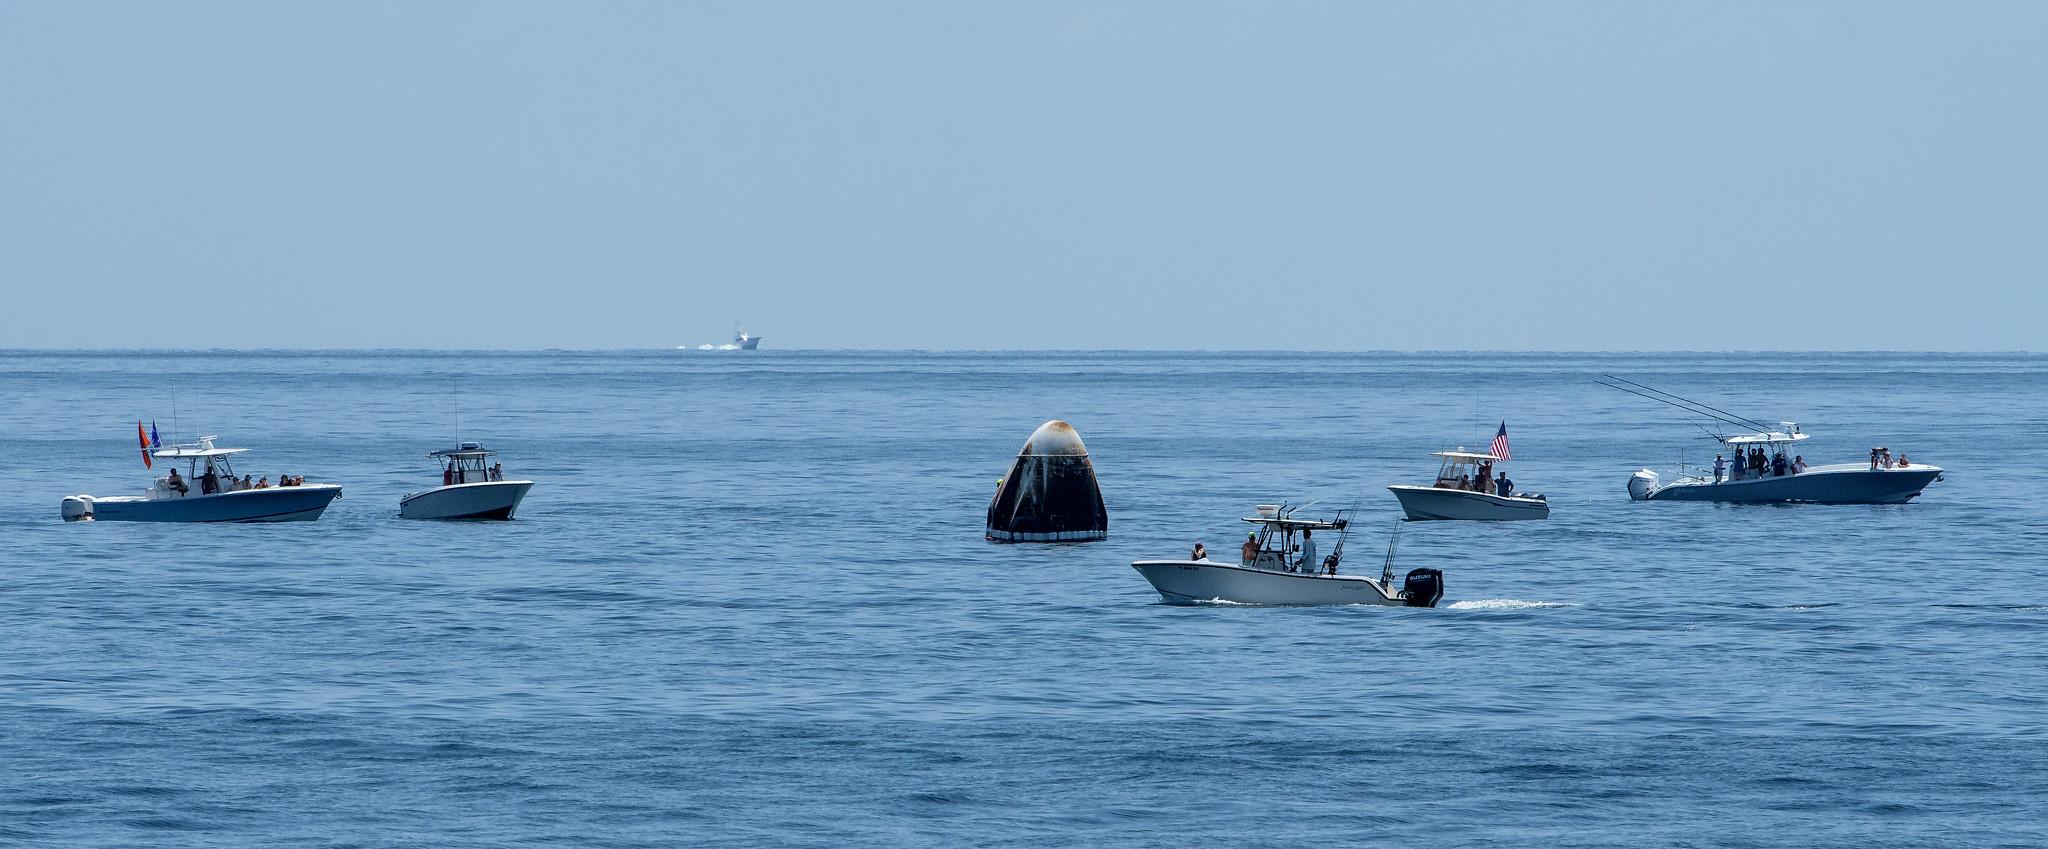 Фото: як відбувалася посадка модуля Crew Dragon в океані